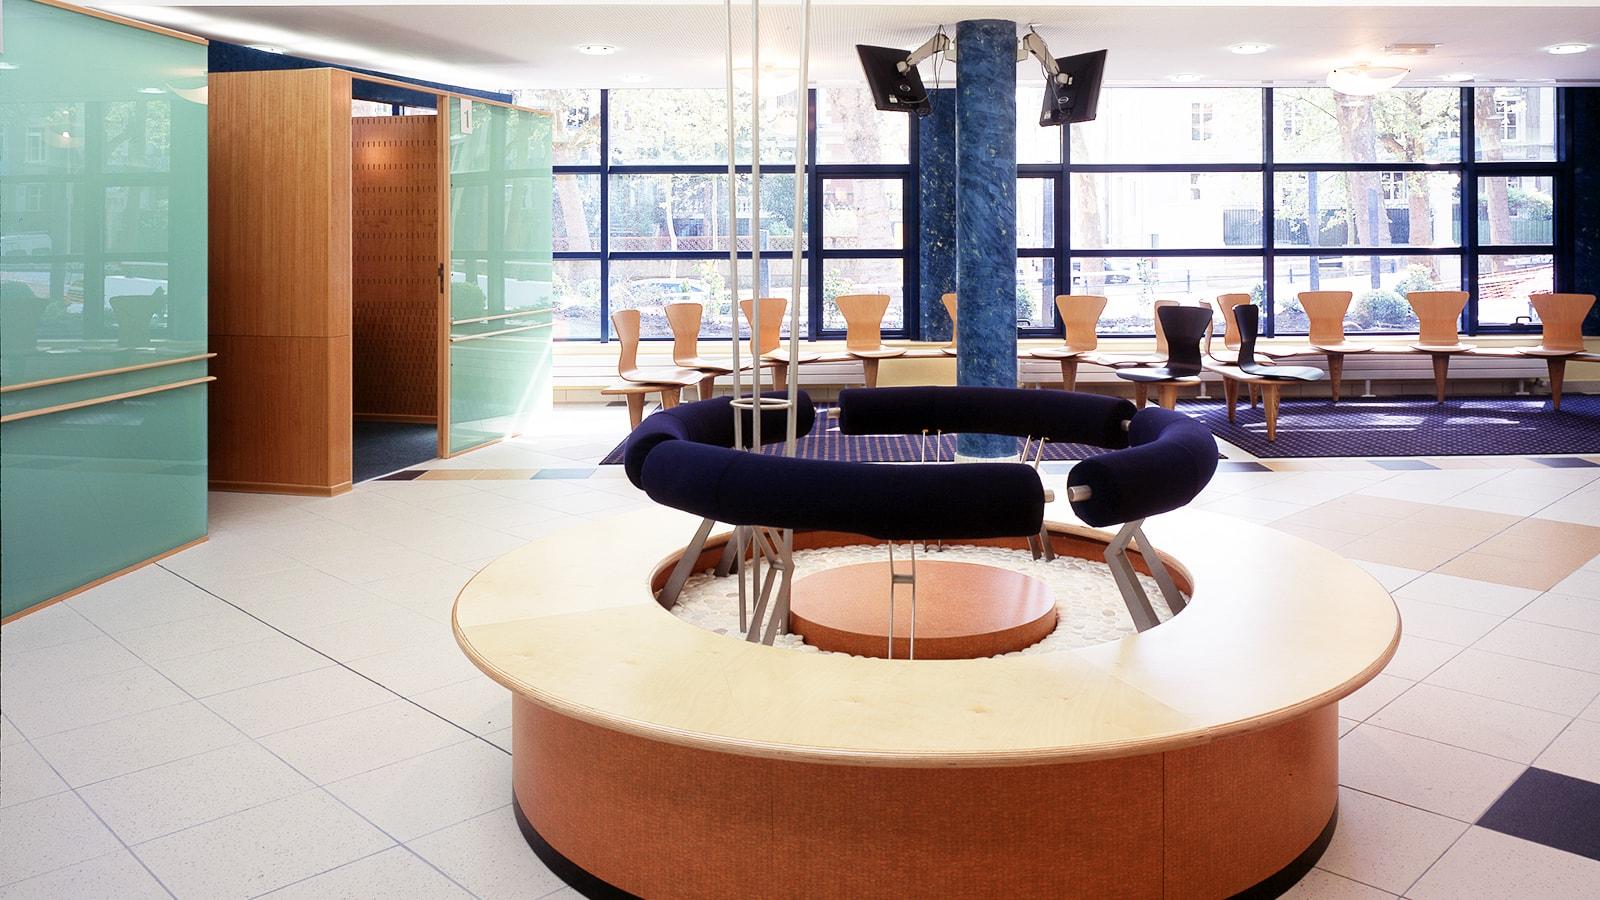 EFI Design Caf Anjou Efi Design (4) 1121